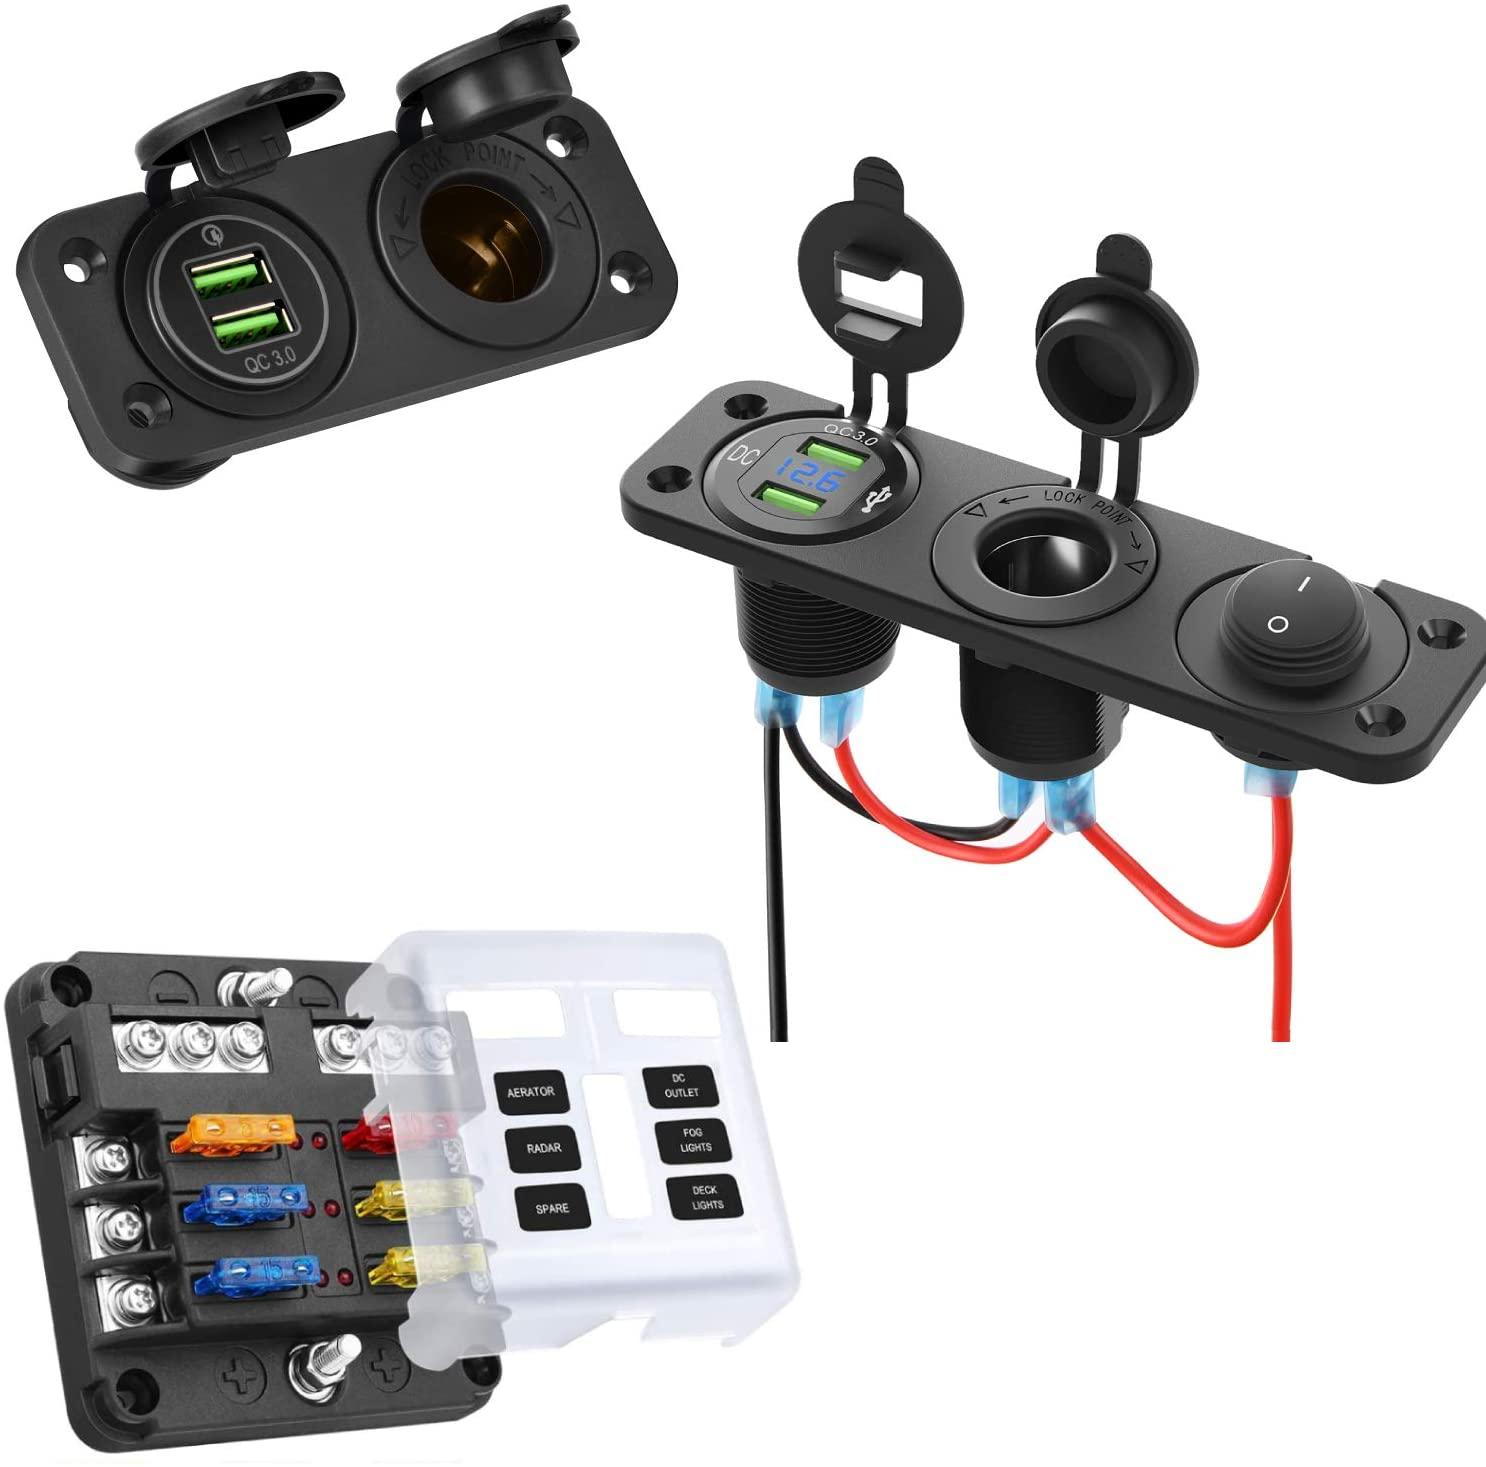 Kohree 12 Volt Accessories Bundle- 6 Way 12V Blade Fuse Block & 12V Marine Boat Cigarette Lighter Socket & QC3.0 12V USB Outlet Panle